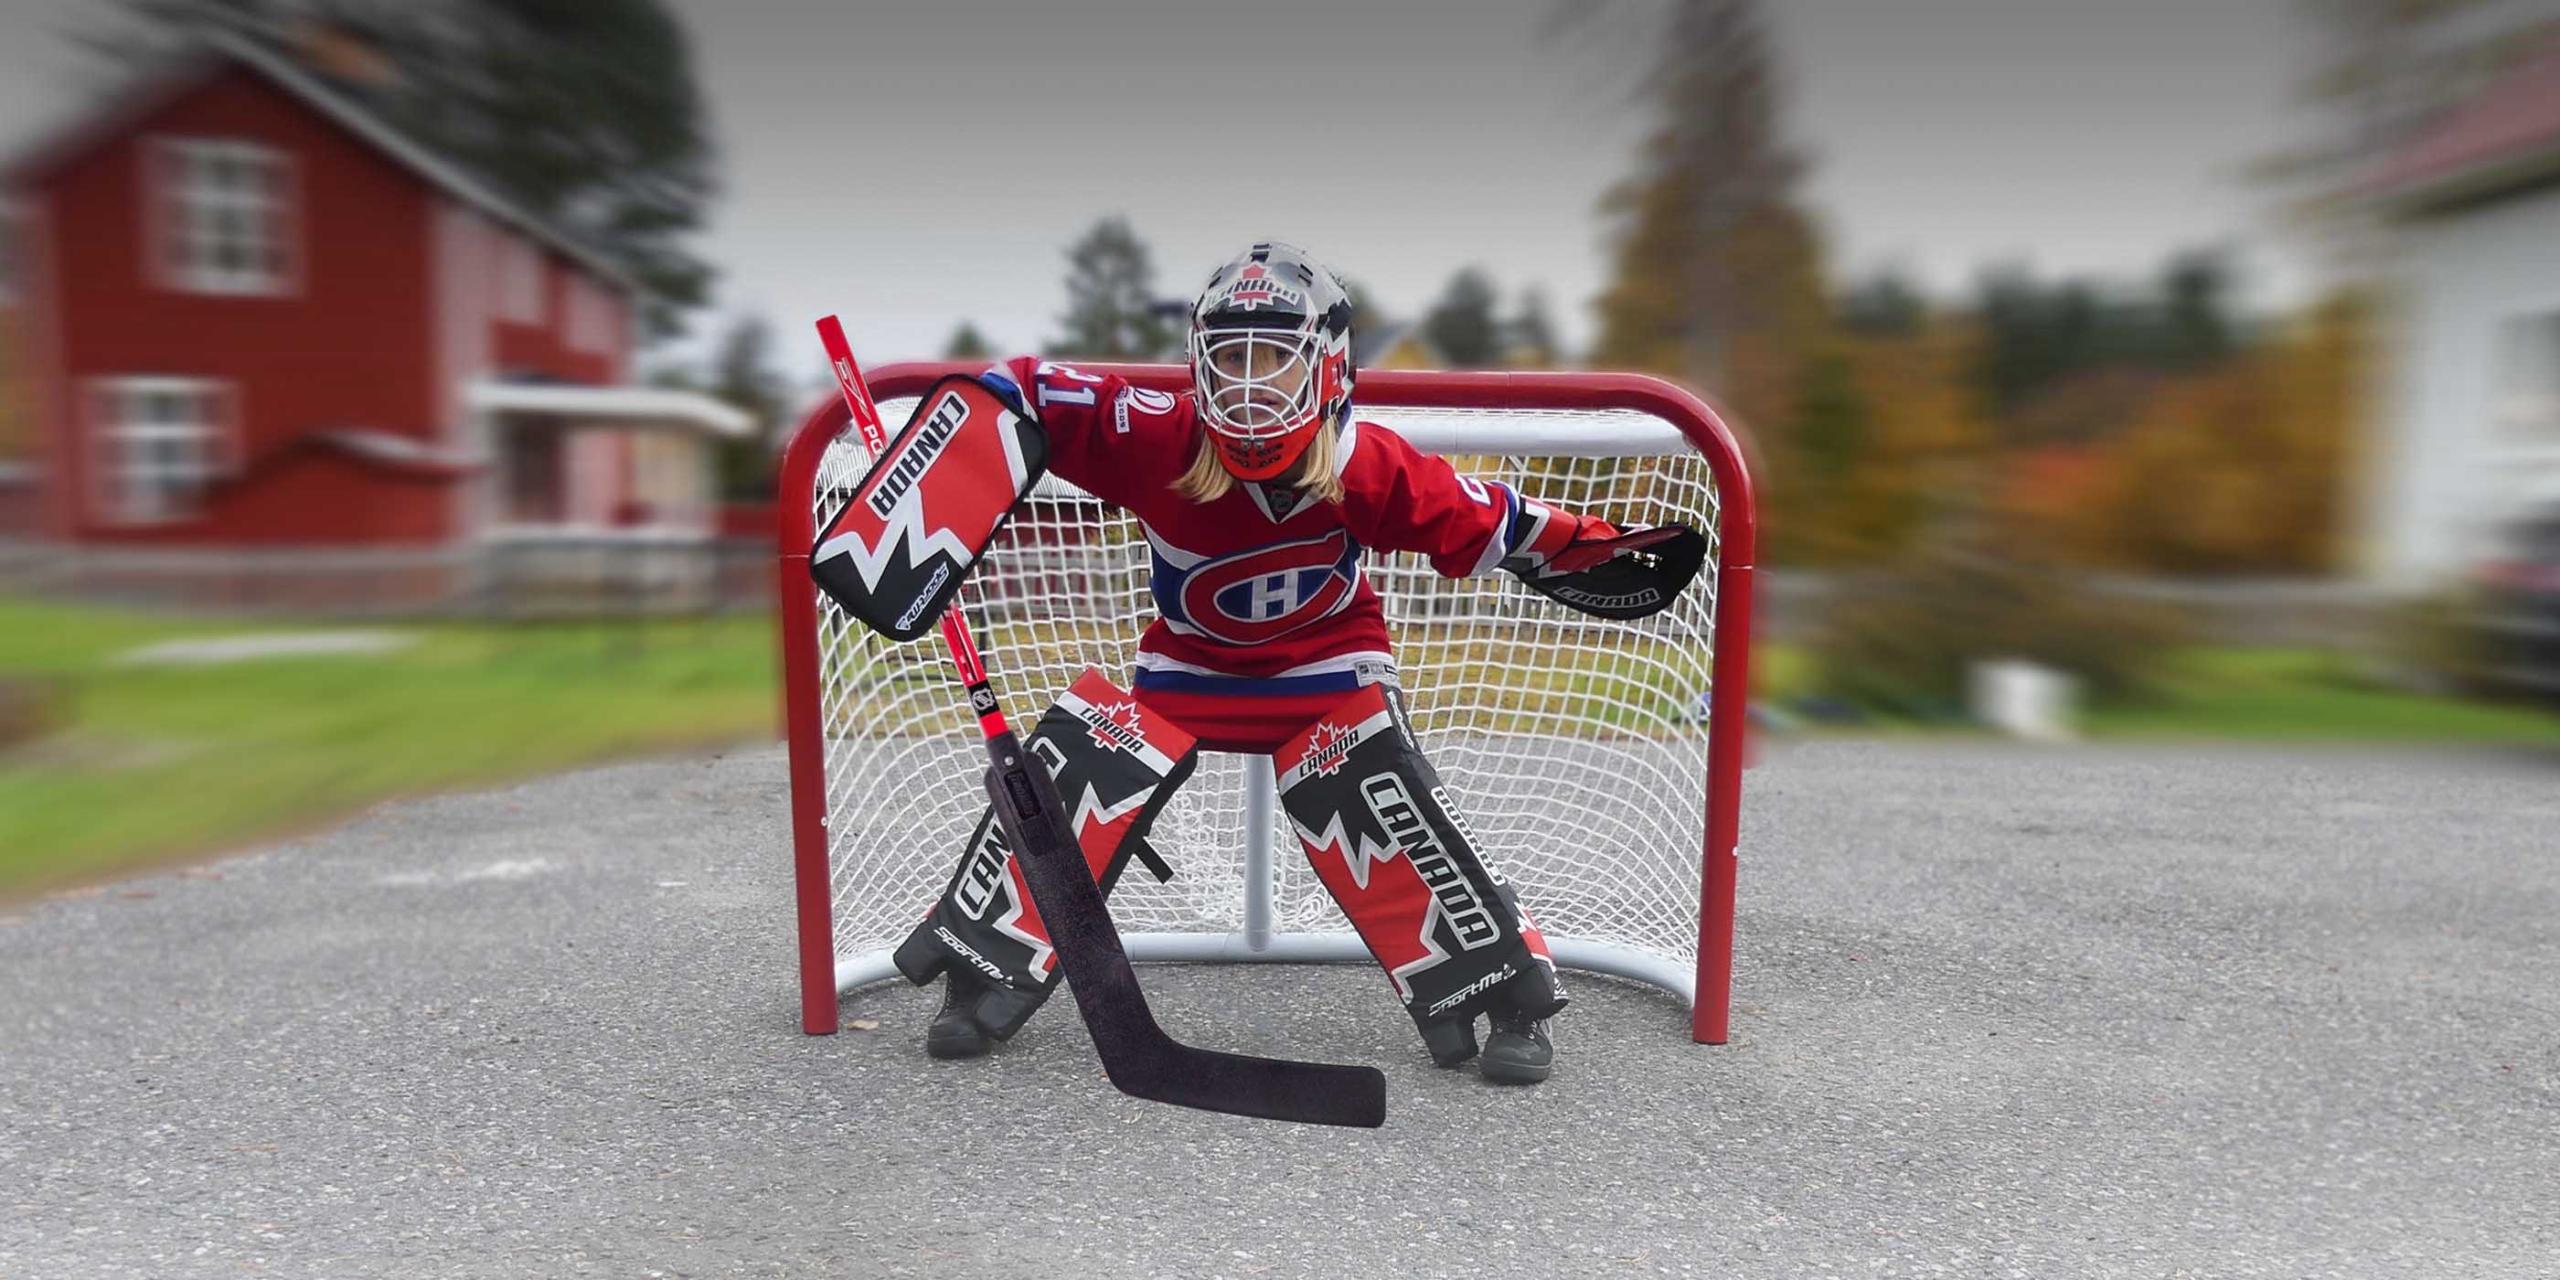 Street Hockey Landhockey SportMe